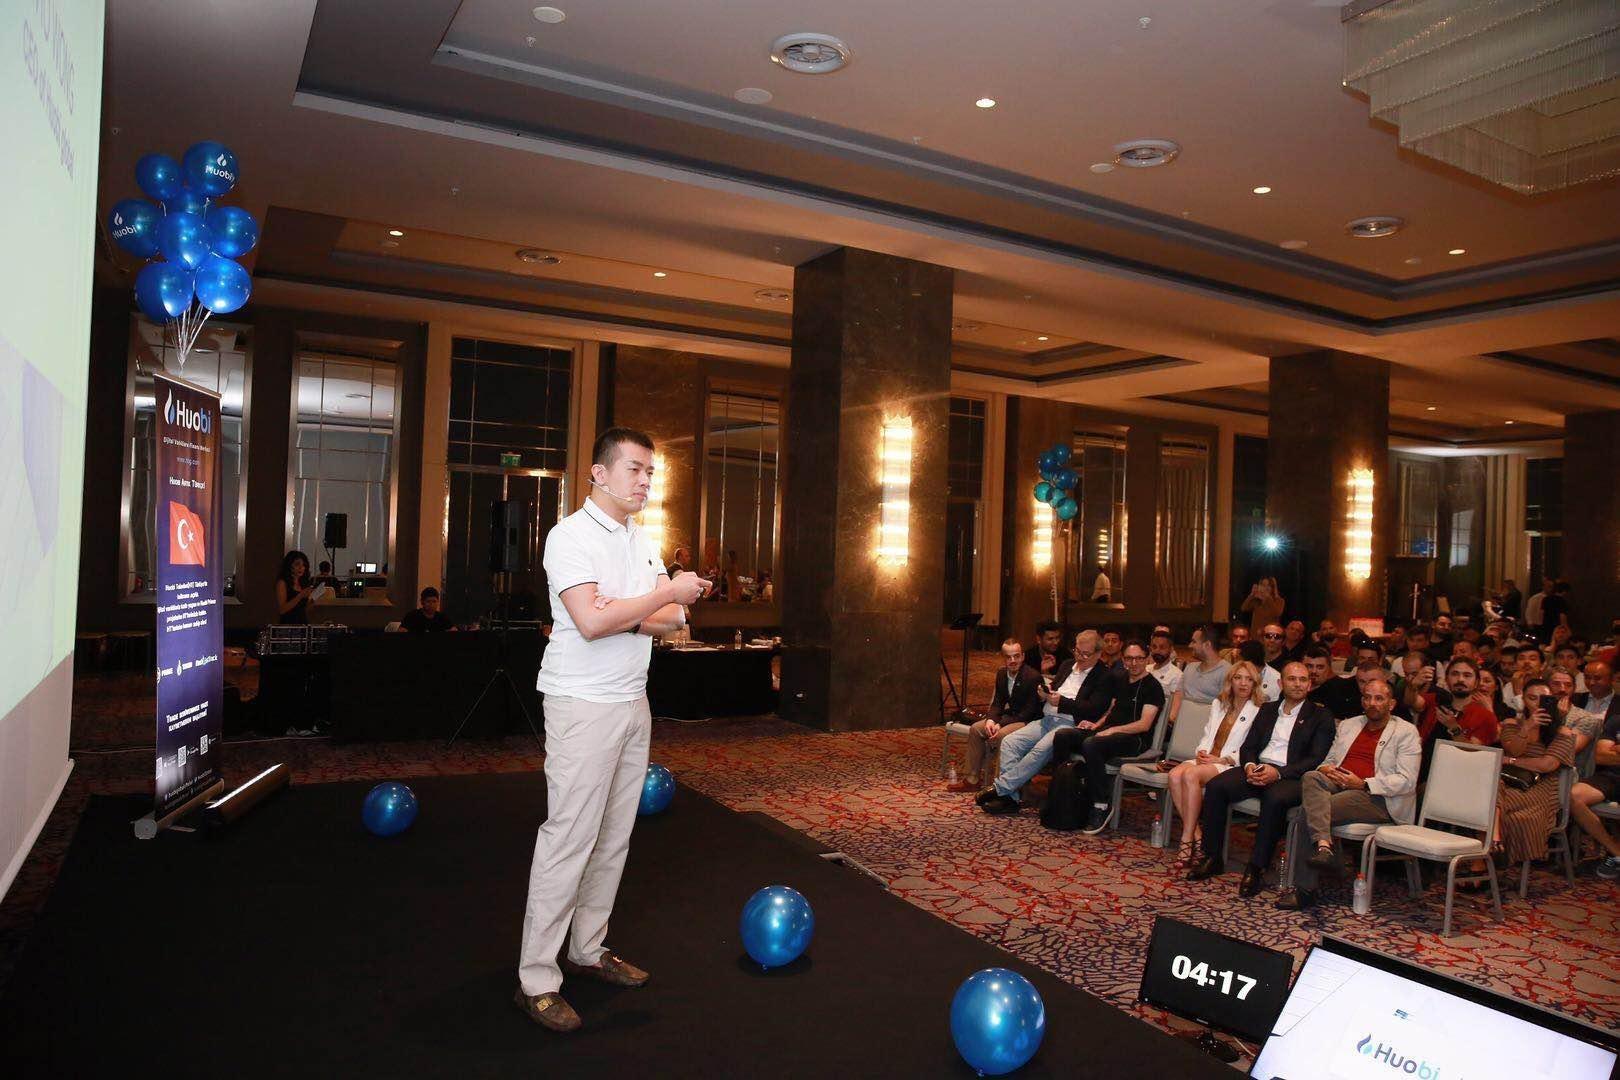 Huobi ขยายธุรกิจไปยังตุรกี ประเทศที่มีคนใช้งานคริปโต 20%